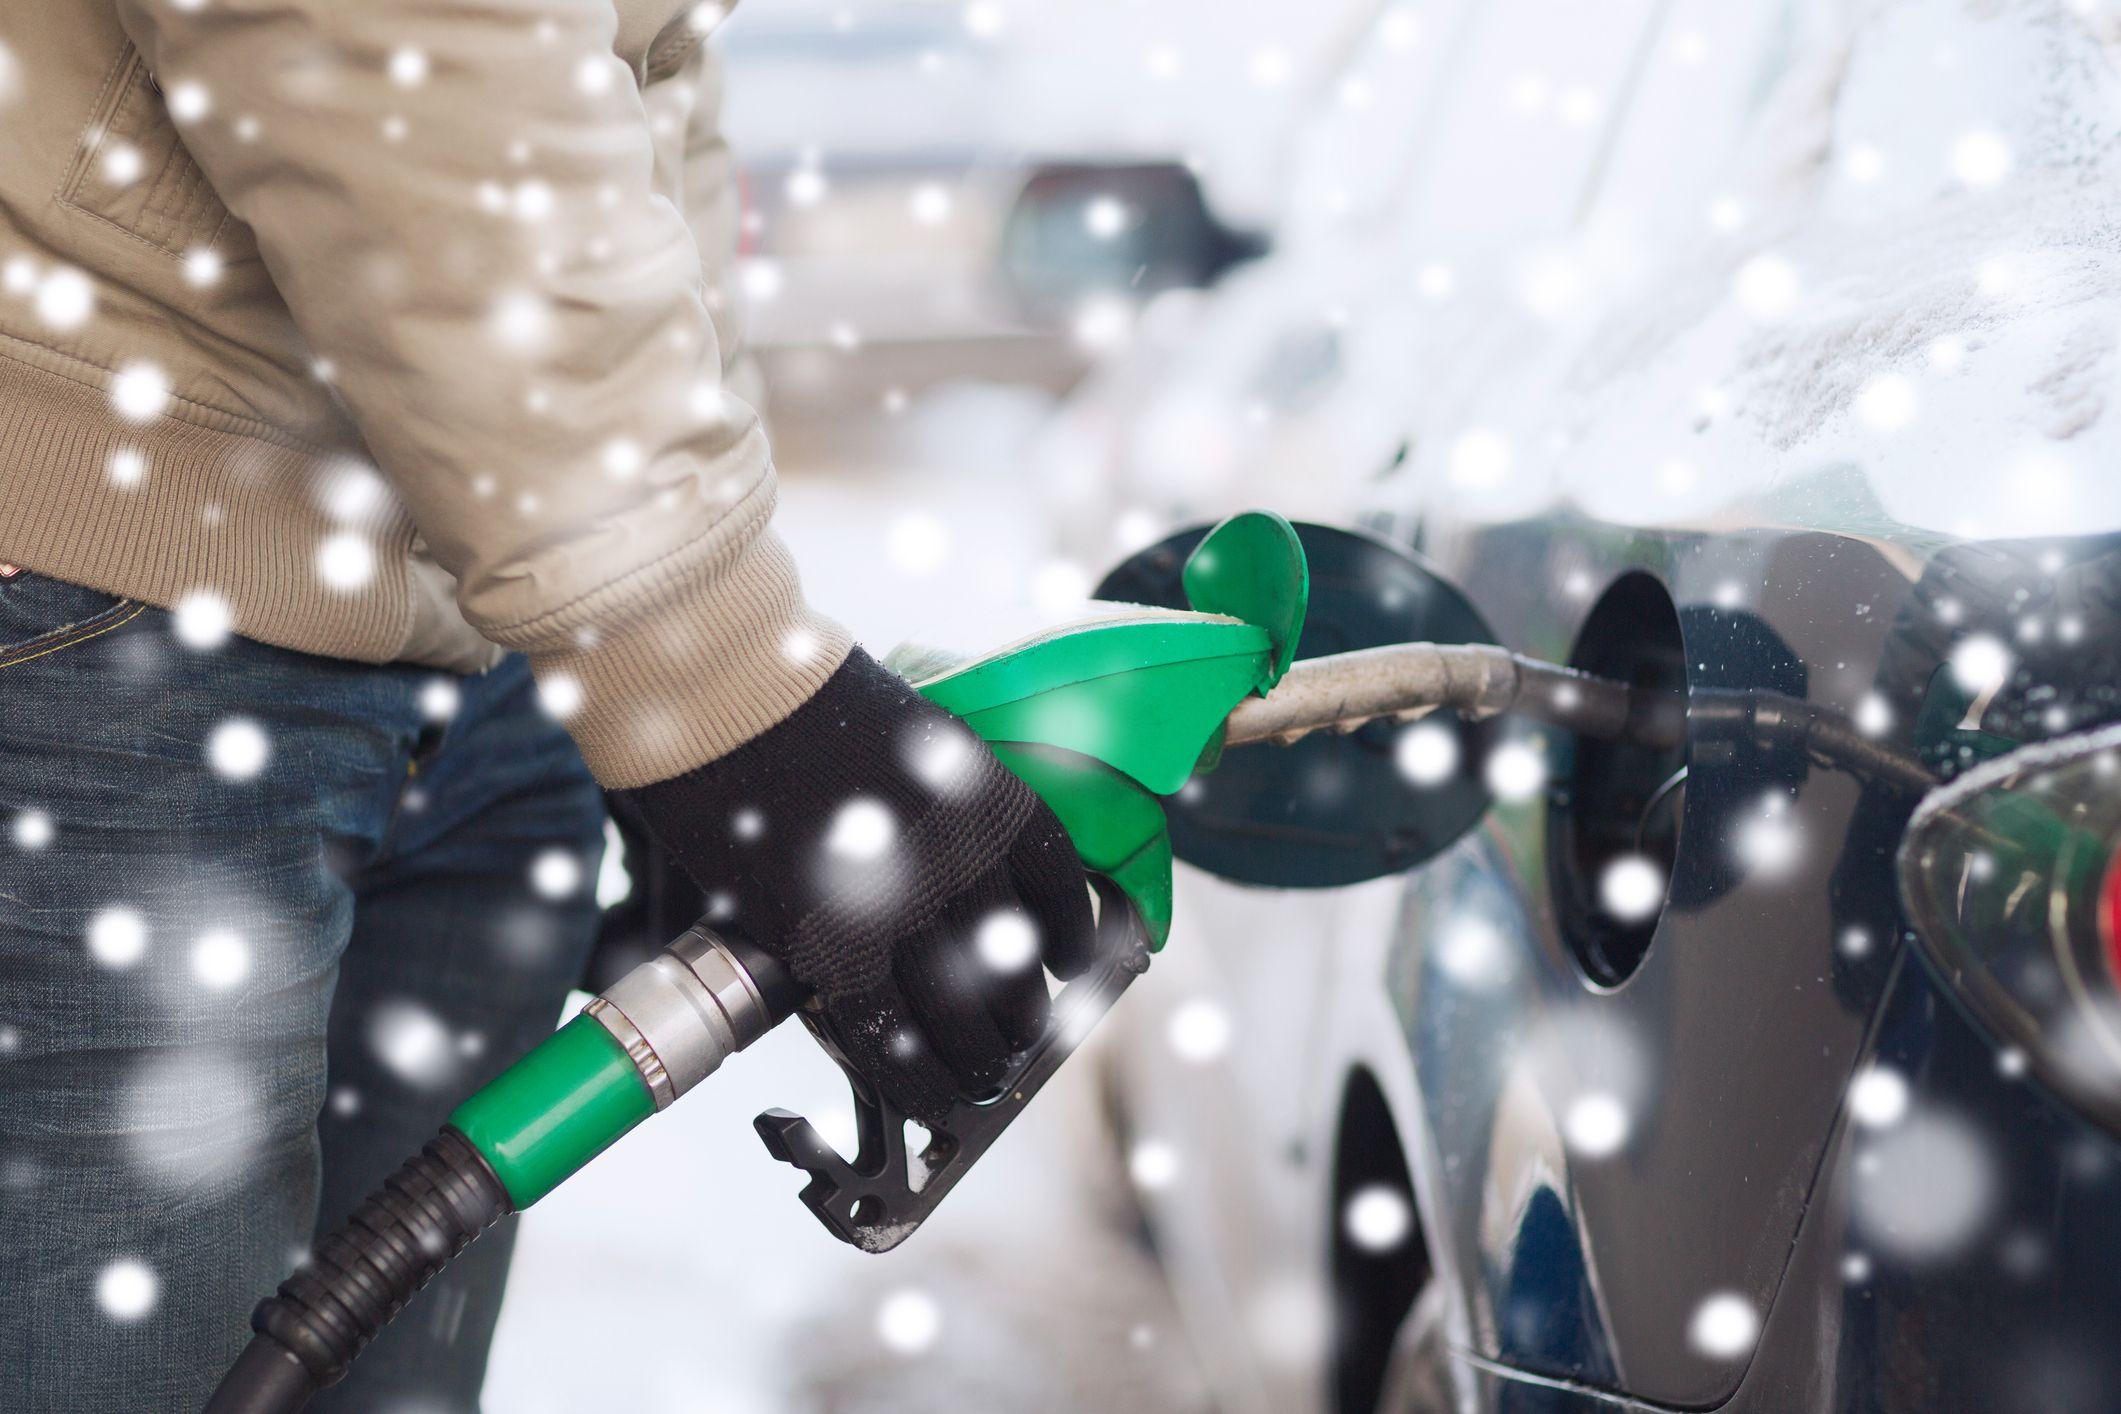 Автолайфхаки: як полегшити життя водія взимку 9